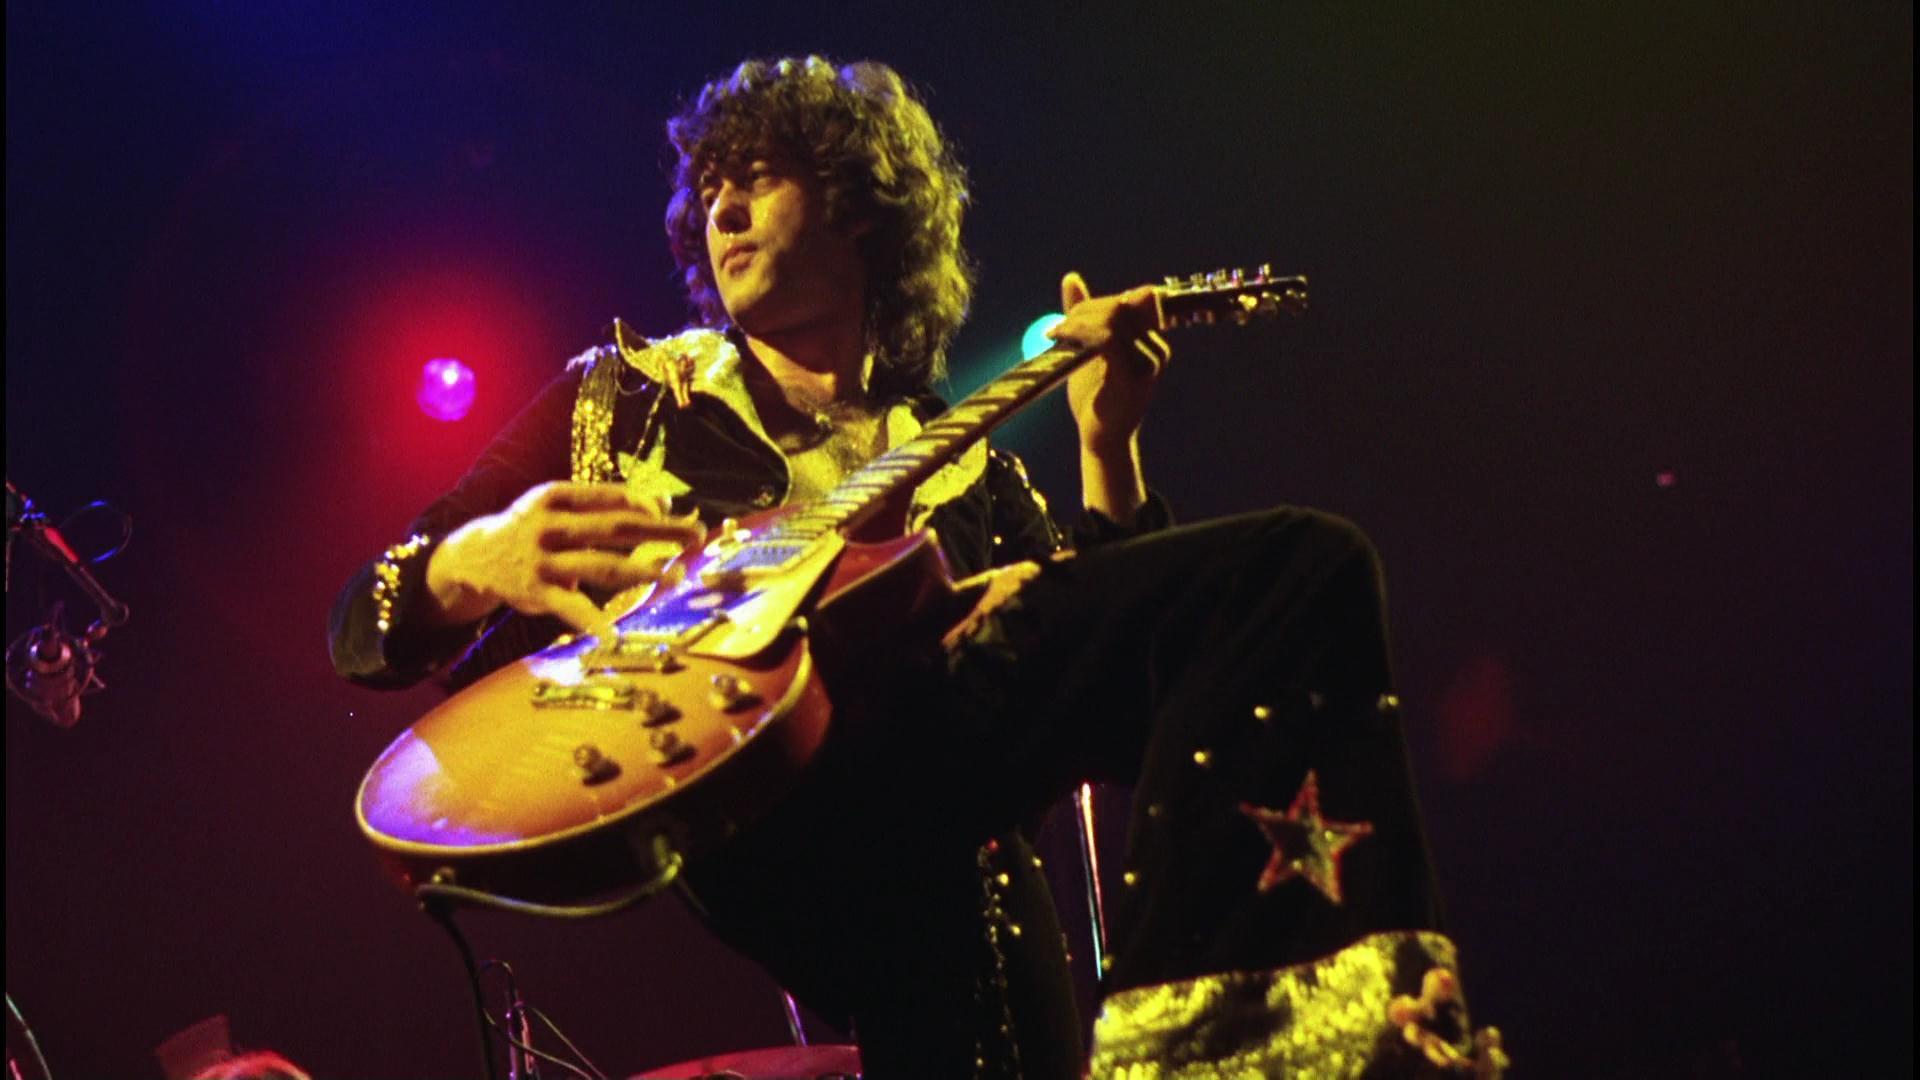 Jimmy Page Led Zeppelin live